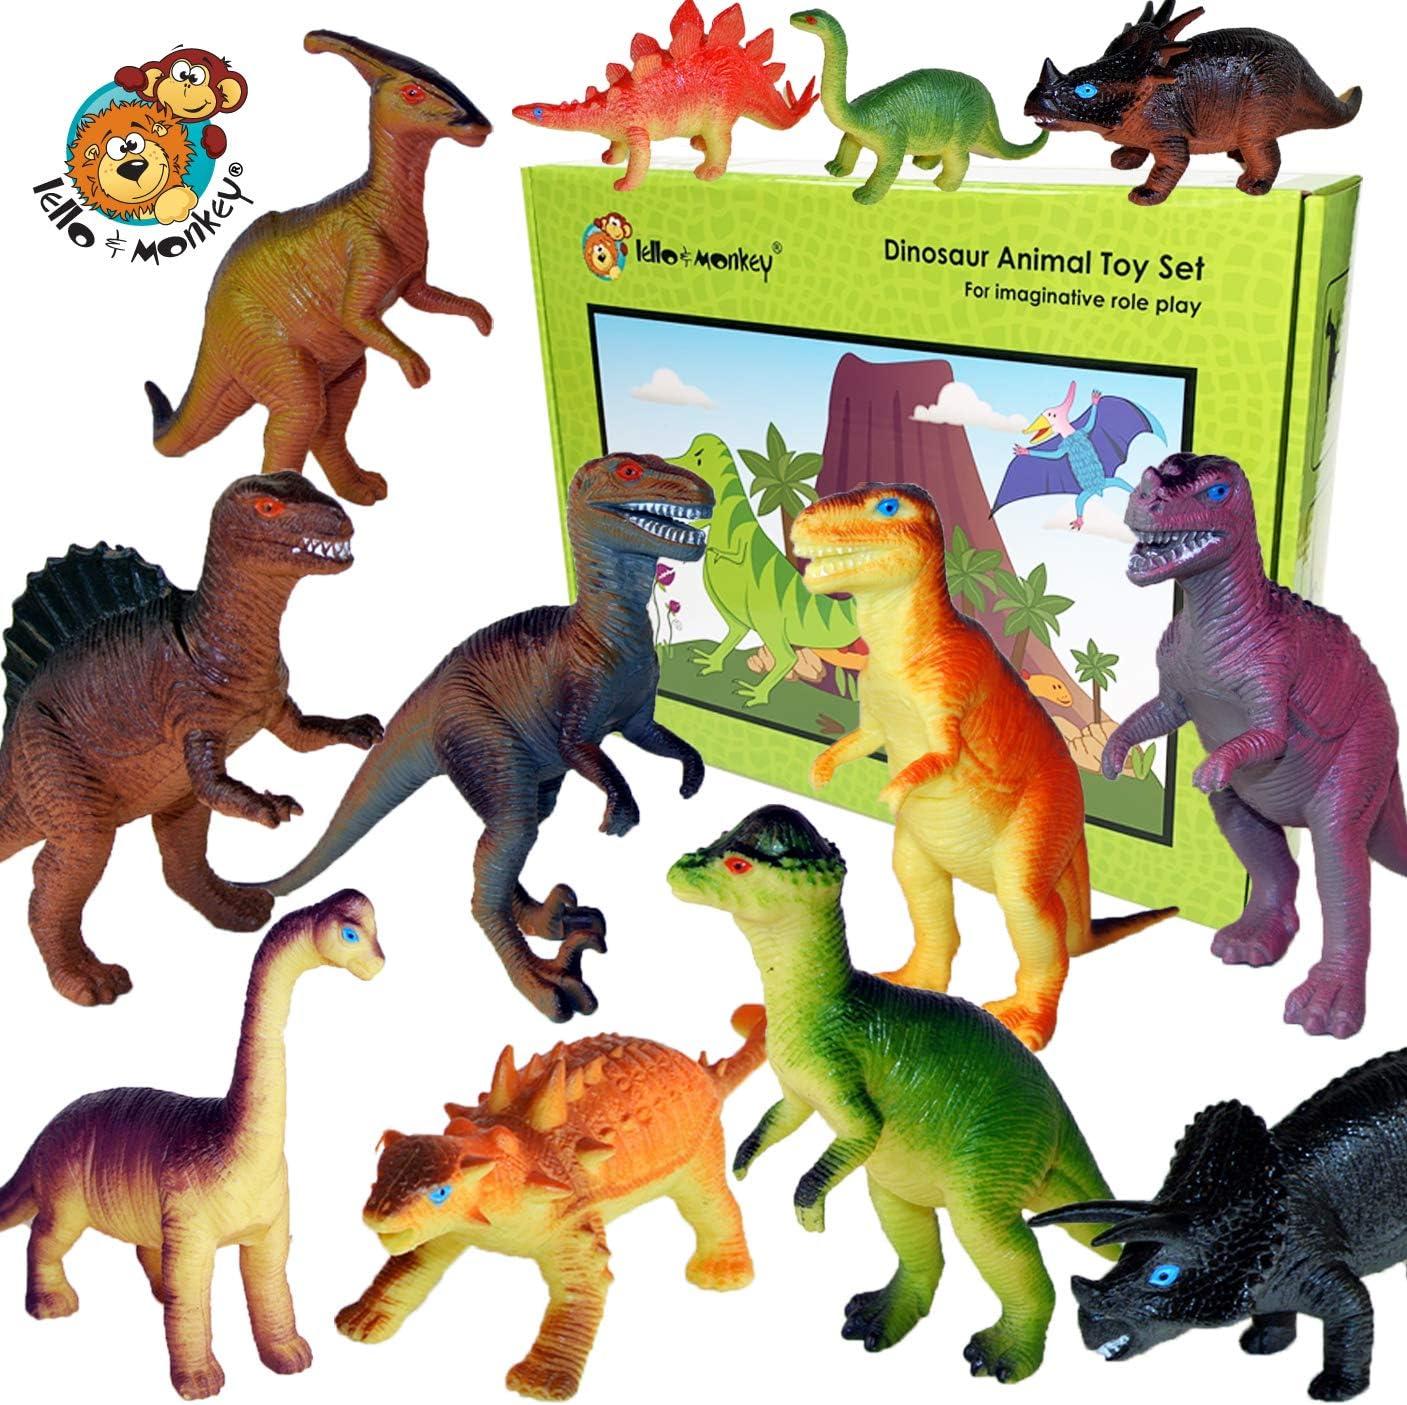 Dinosaurios de Juguete (15cm) conjunto de 12 Figuras Grandes de Dinosaurio de Plástico